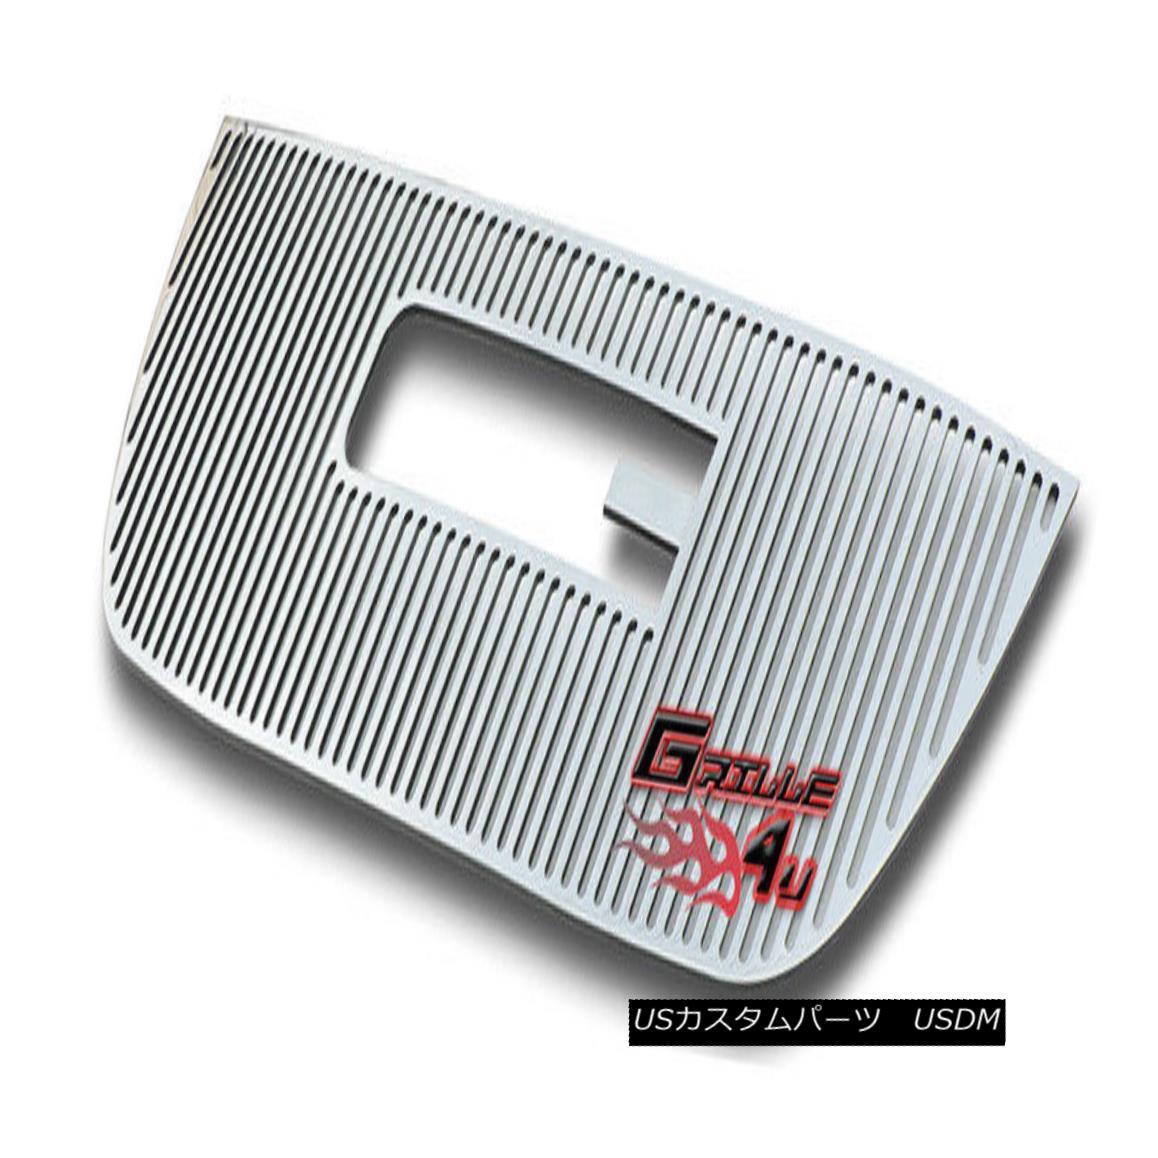 グリル Customized For 07-11 2011 GMC Yukon Perimeter Premium Grille Insert 2011年7月11日にカスタマイズされたGMC Yukon Perimeterプレミアムグリルインサート